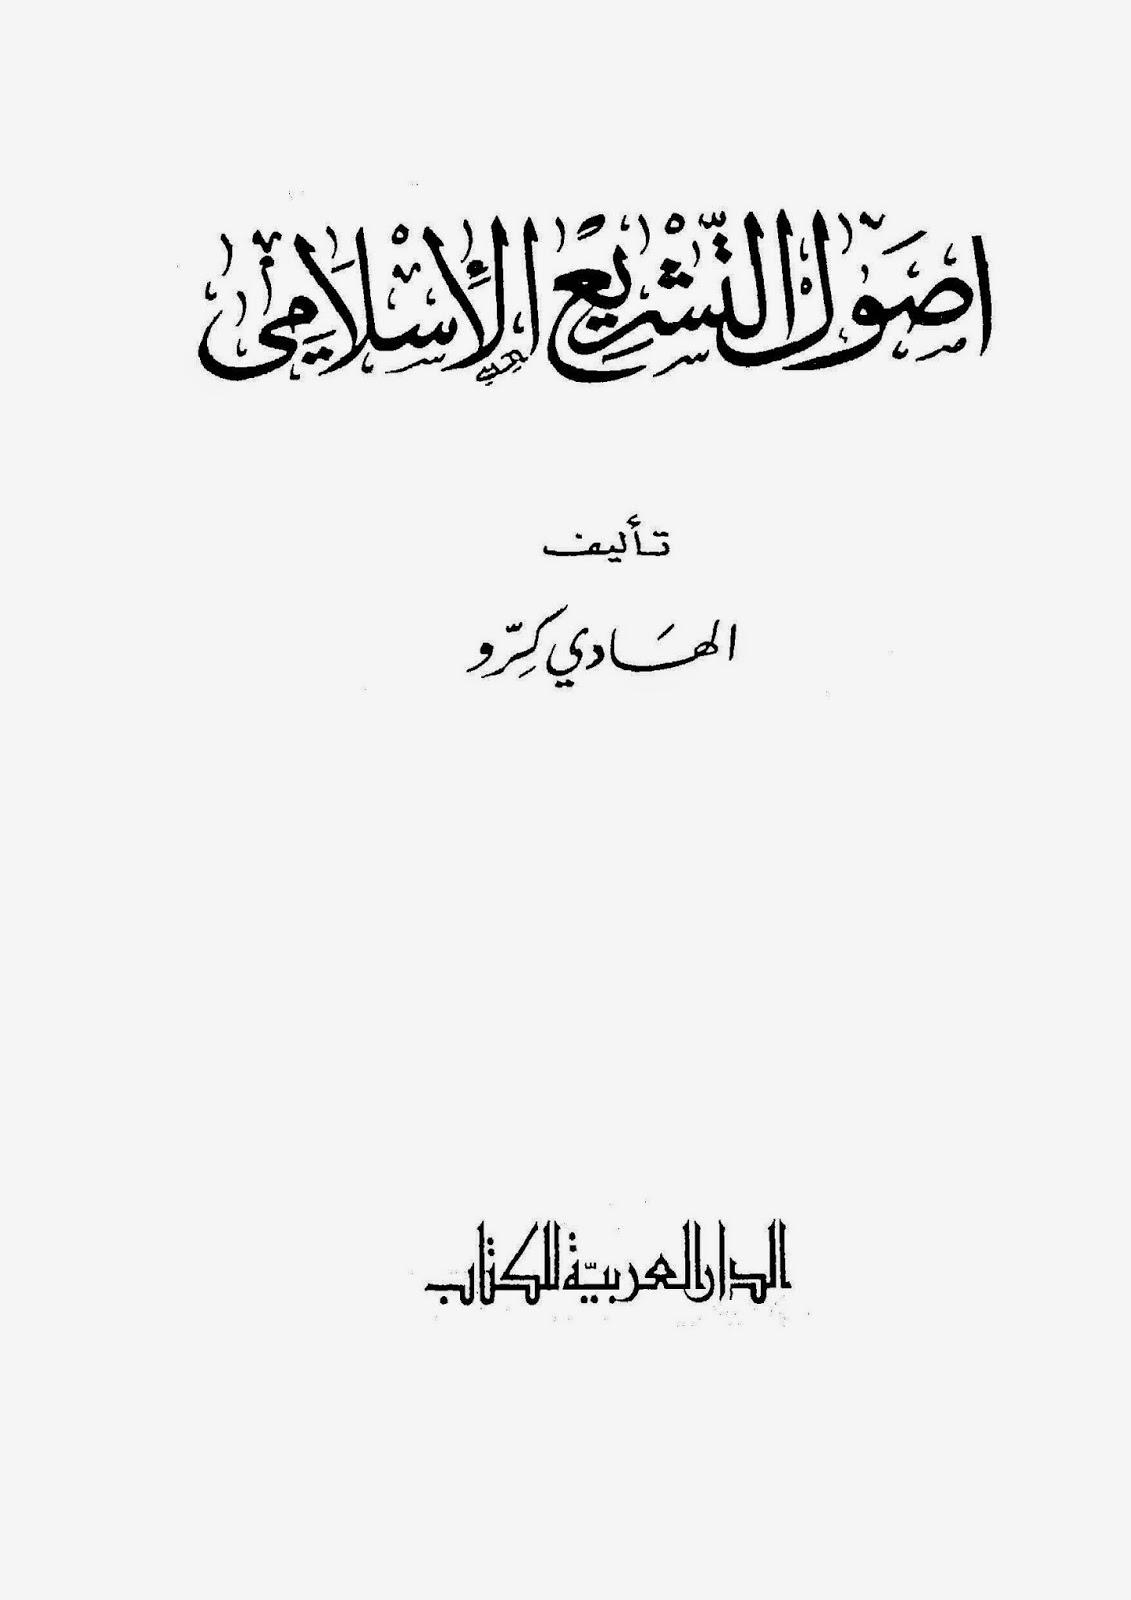 كتاب أصول التشريع الإسلامي لـ الهادي كرو